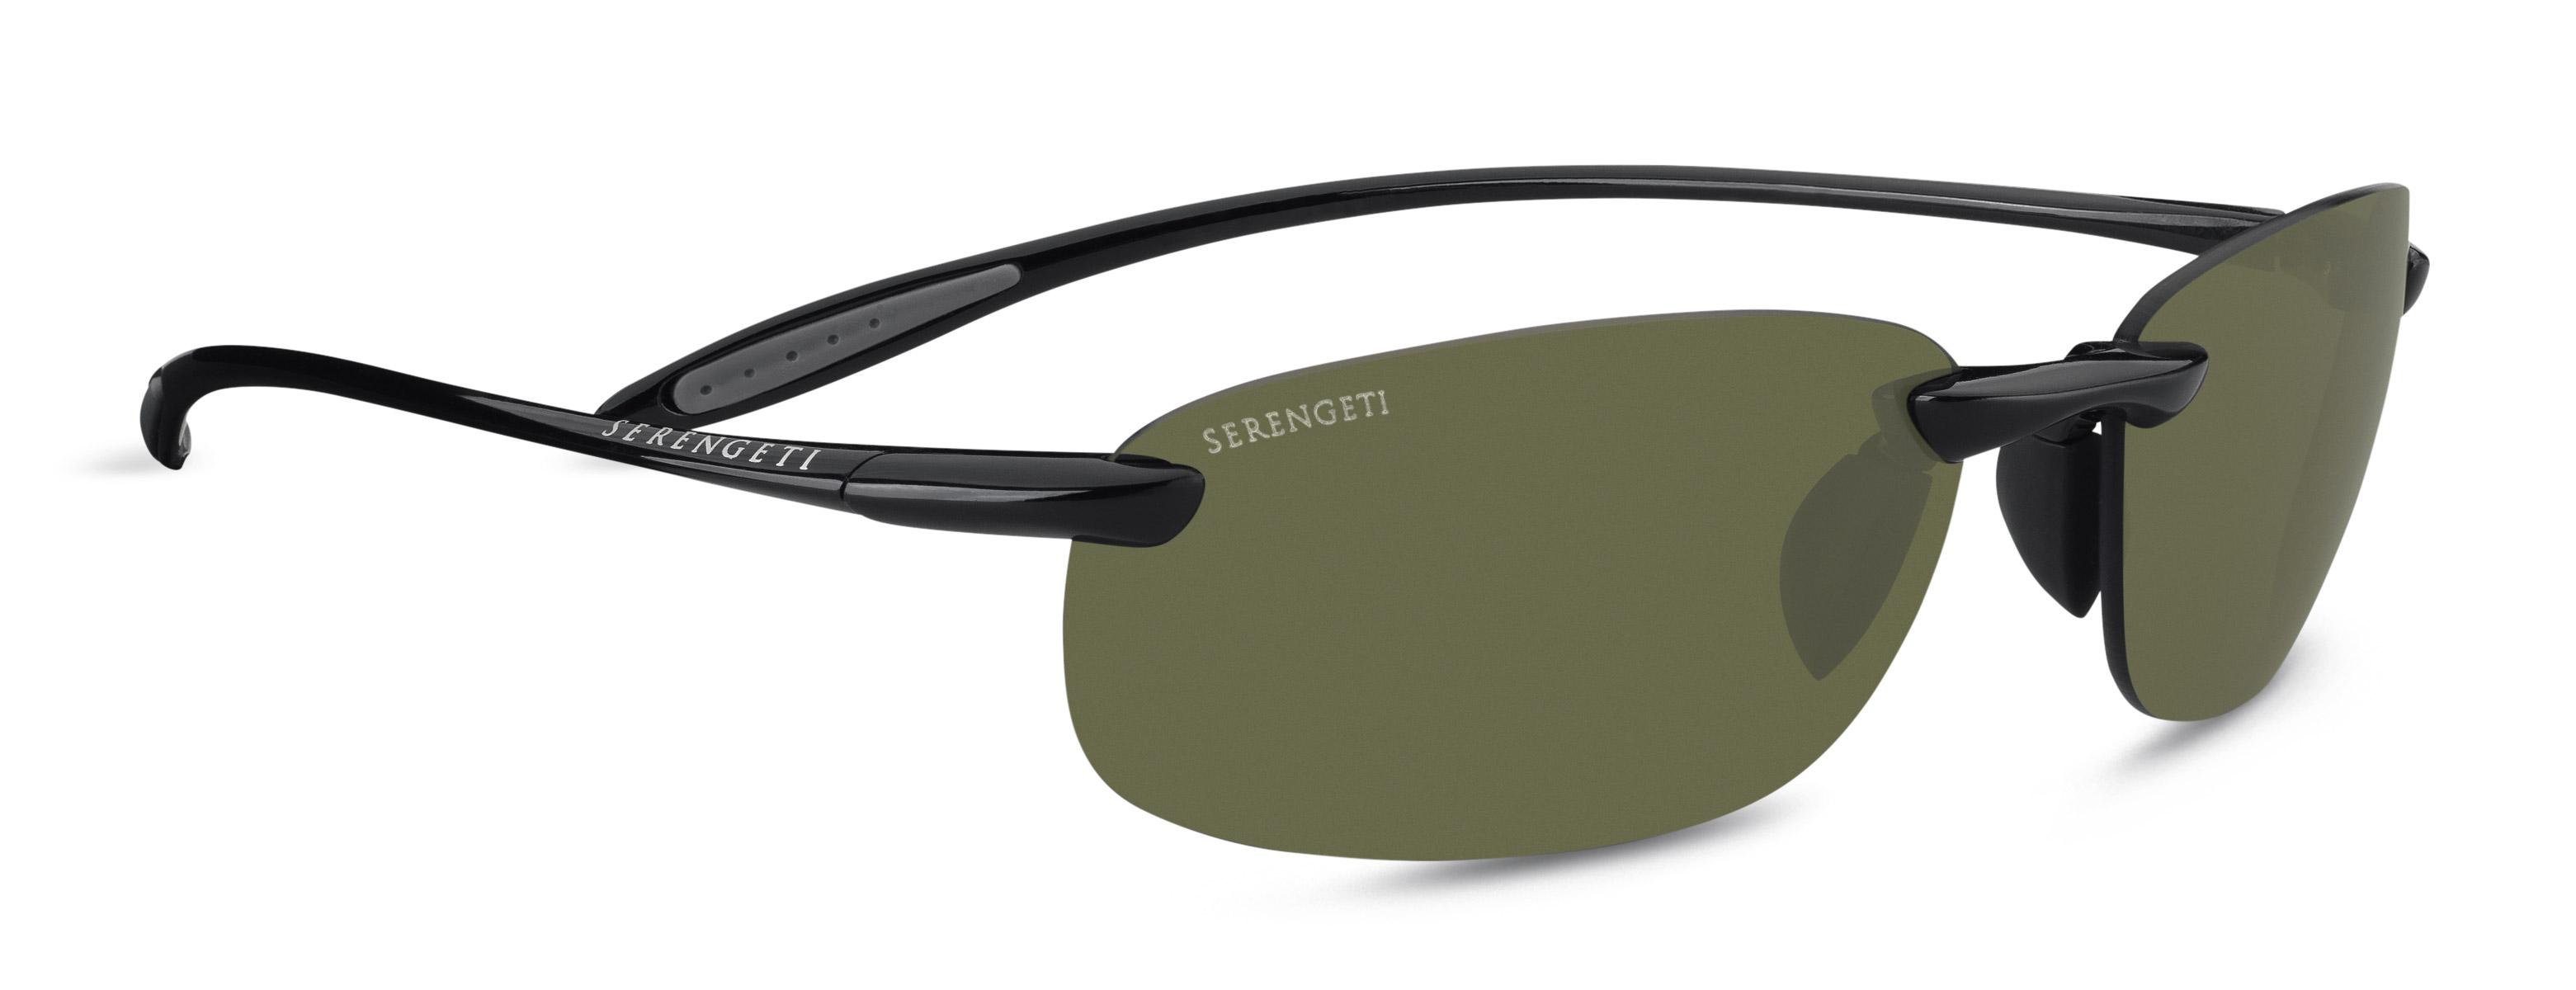 ee7cab4366 Serengeti Nuvola Sunglasses